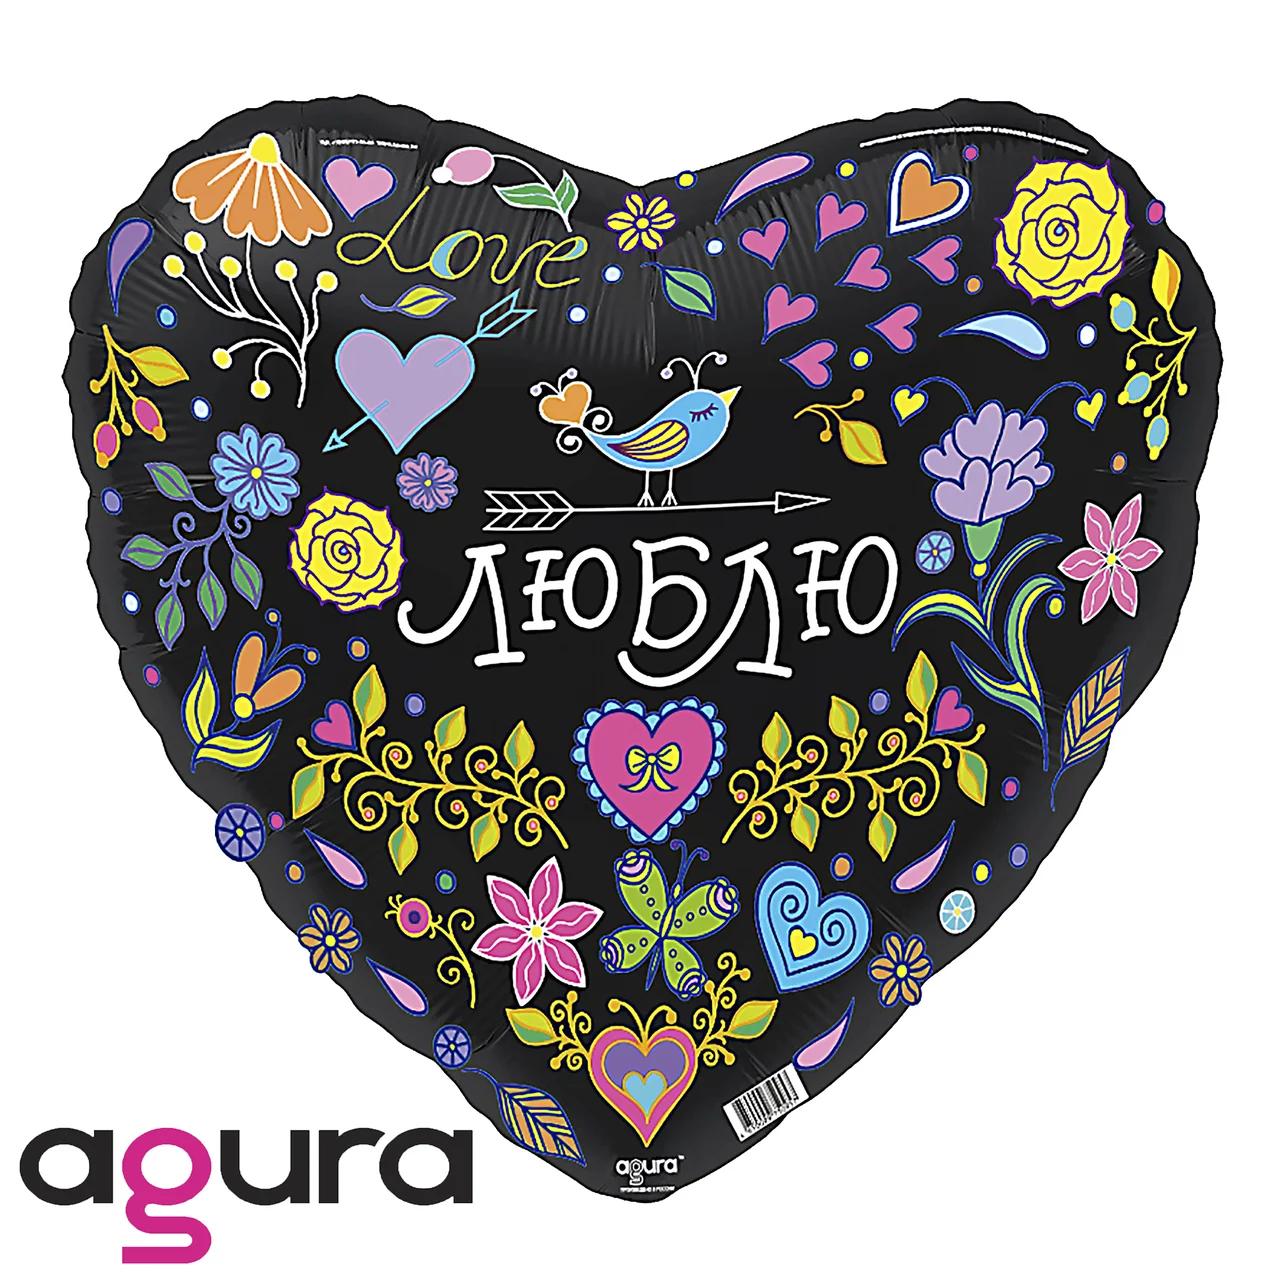 """Фол шар Аgura 18"""" Сердце Признание в любви черный (Агура)"""